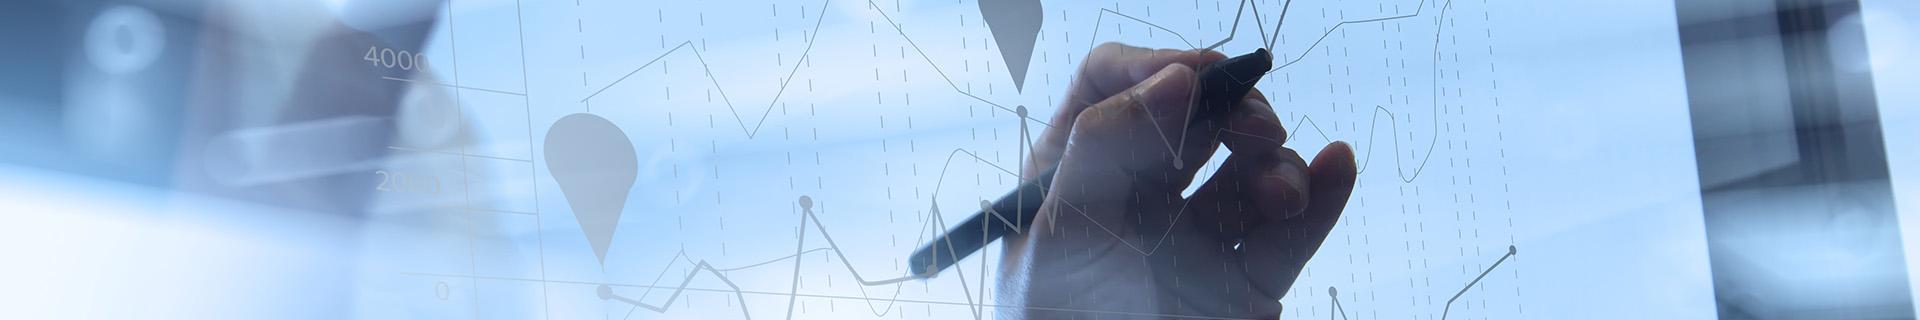 An accountant creating a graph